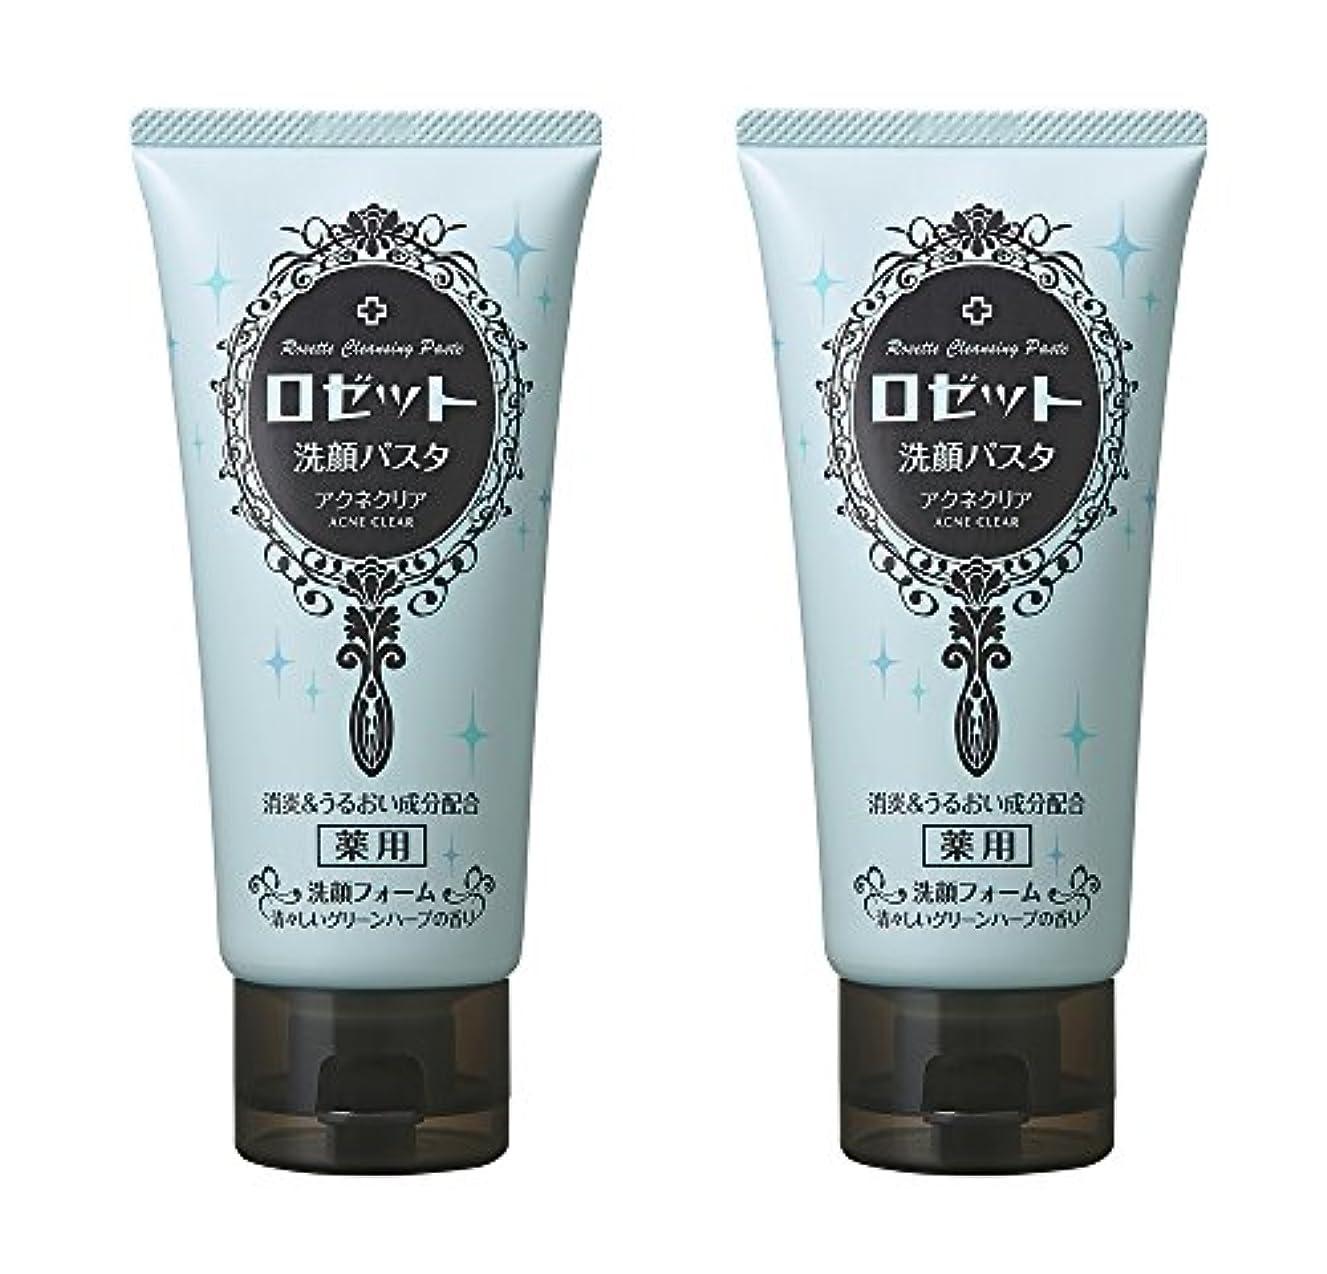 と順応性のあるダルセットロゼット洗顔パスタ アクネクリア 120g×2個パック AZ 【医薬部外品】